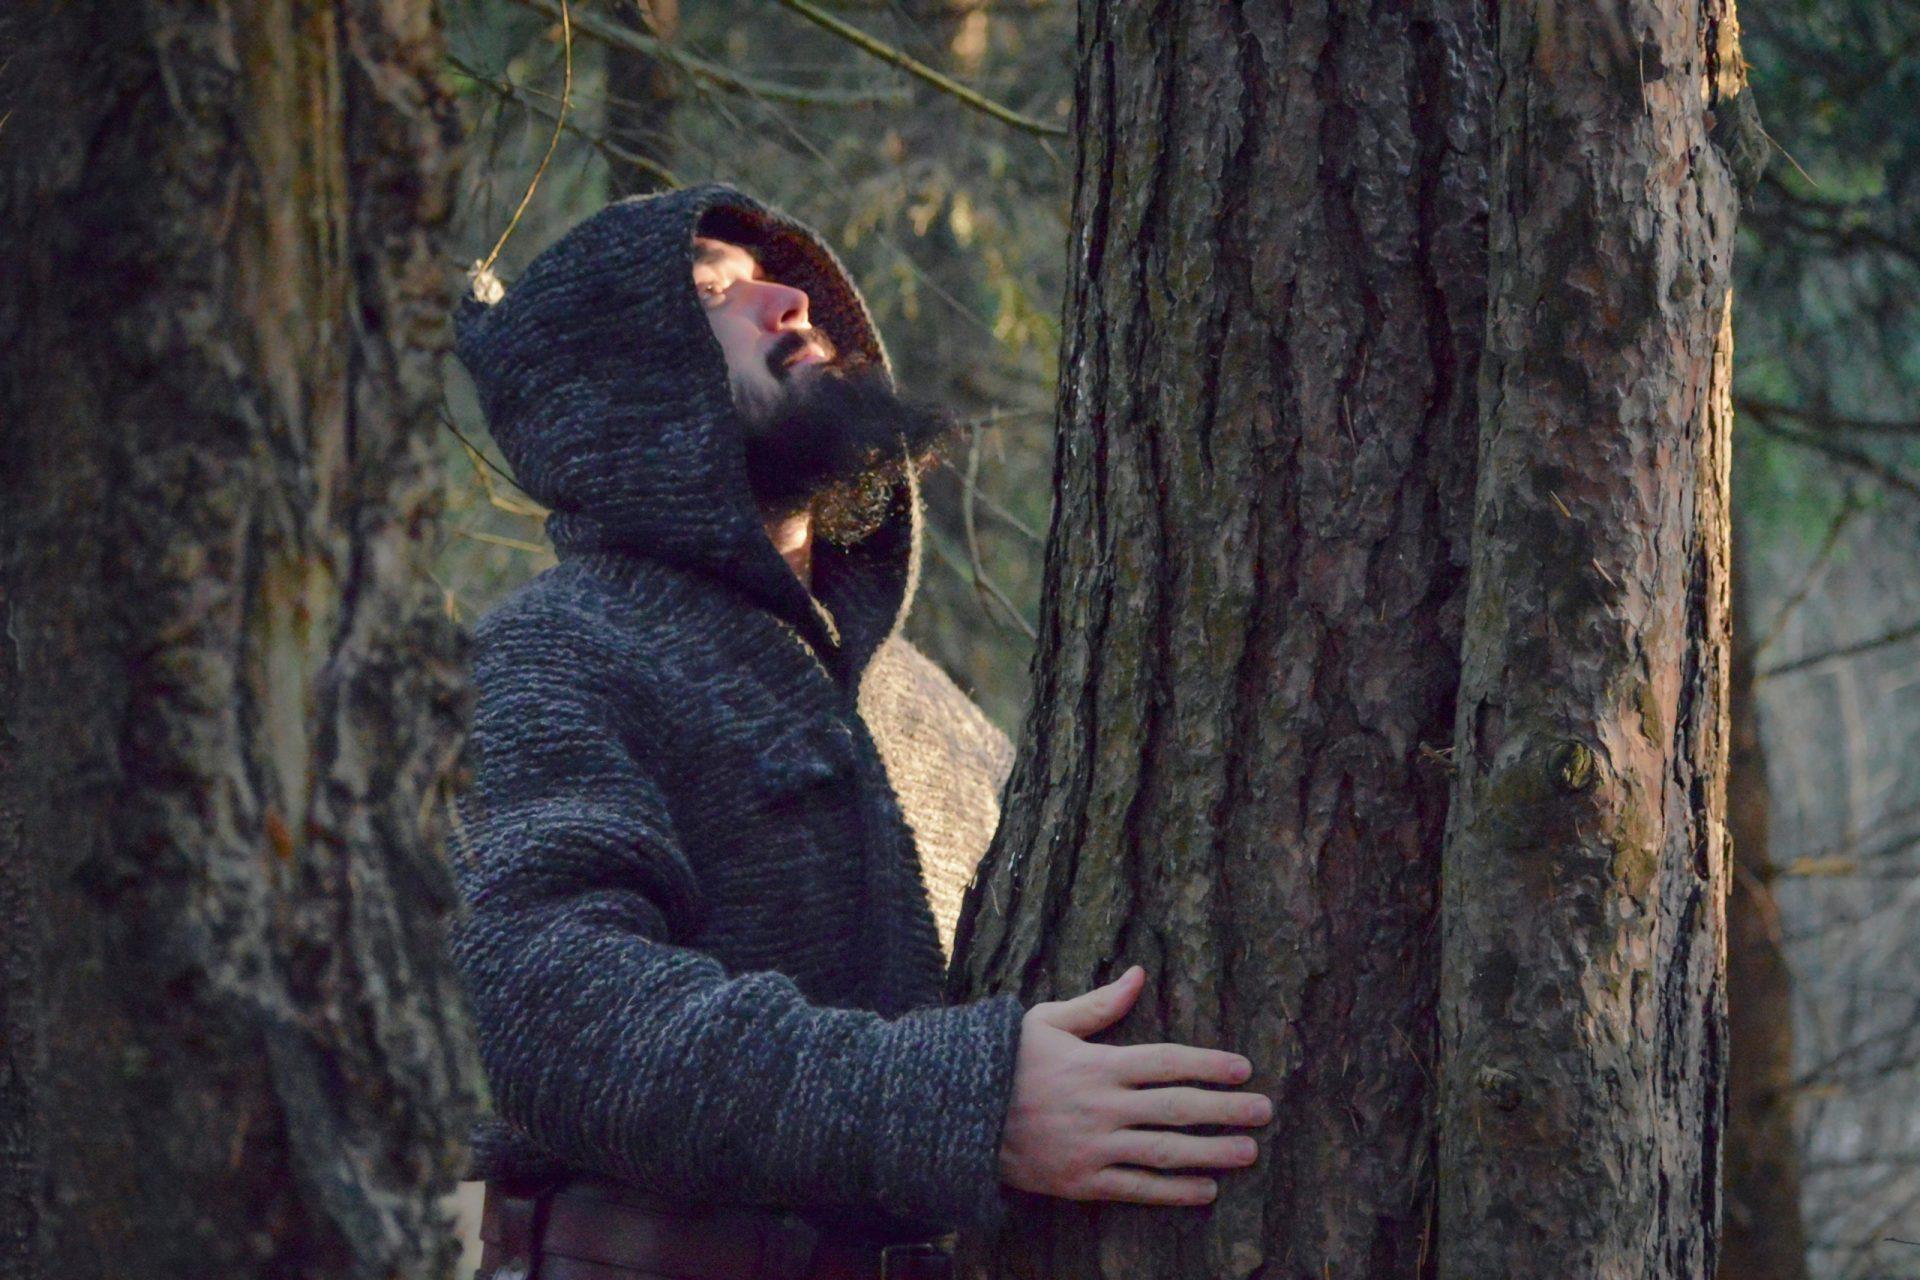 Павел Пашков: экологическая экспедиция будет проведена в одиночку